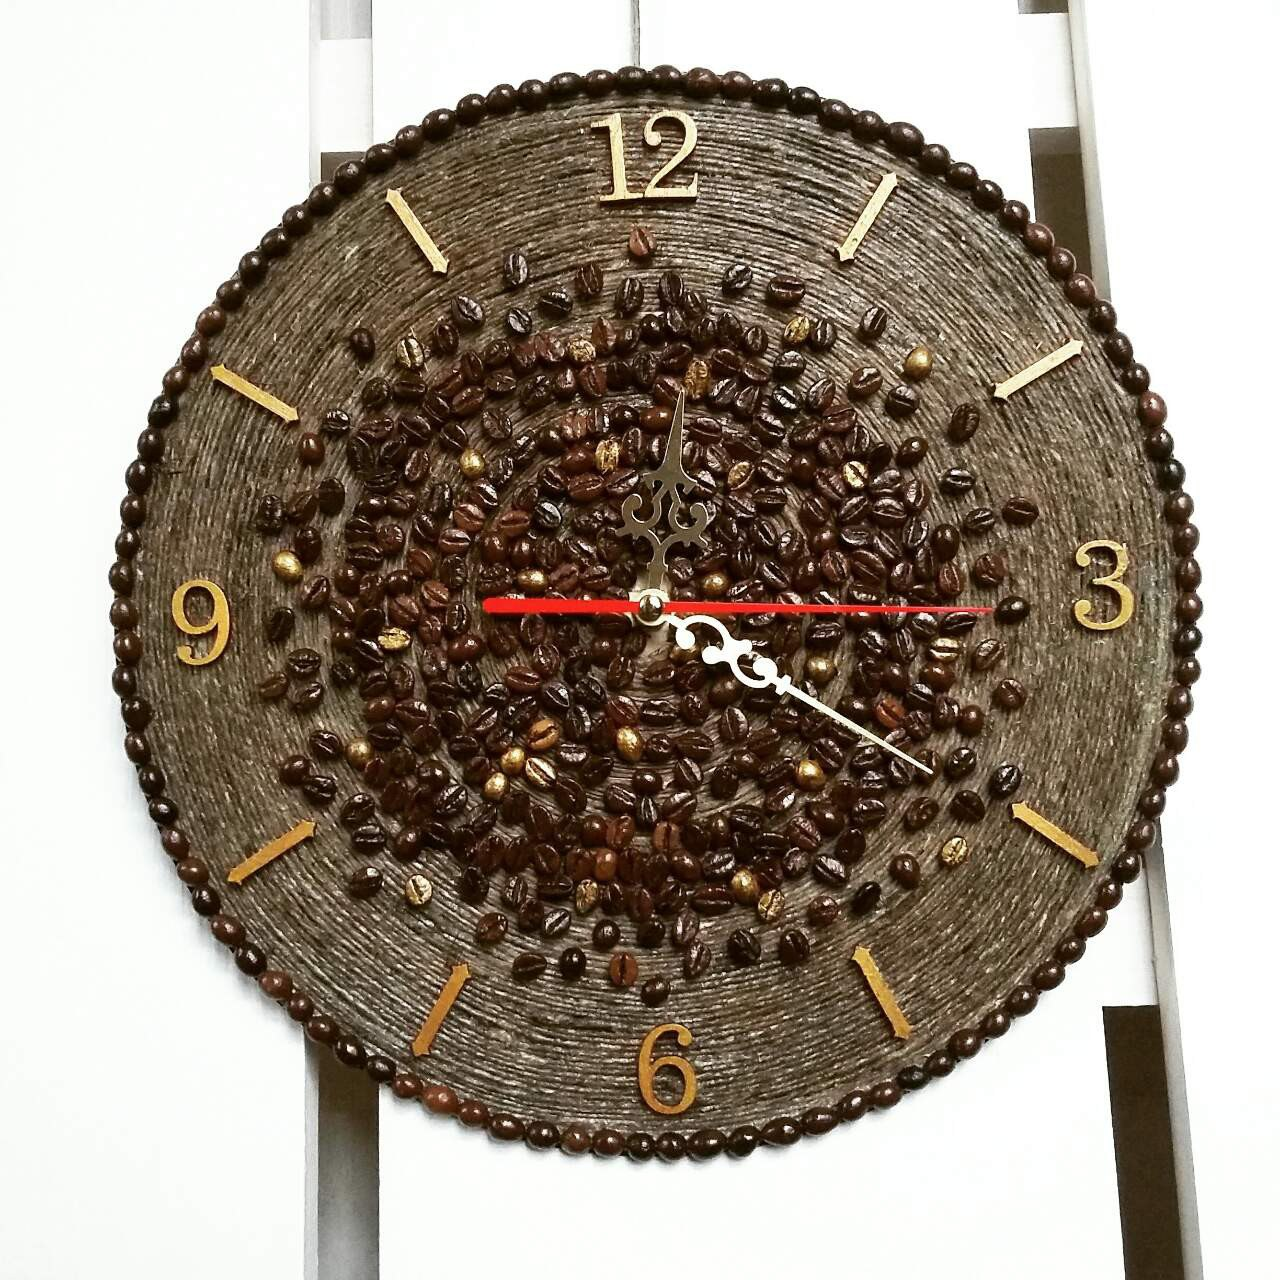 часы своими руками оригинальные идеи фото радио сыграло большую